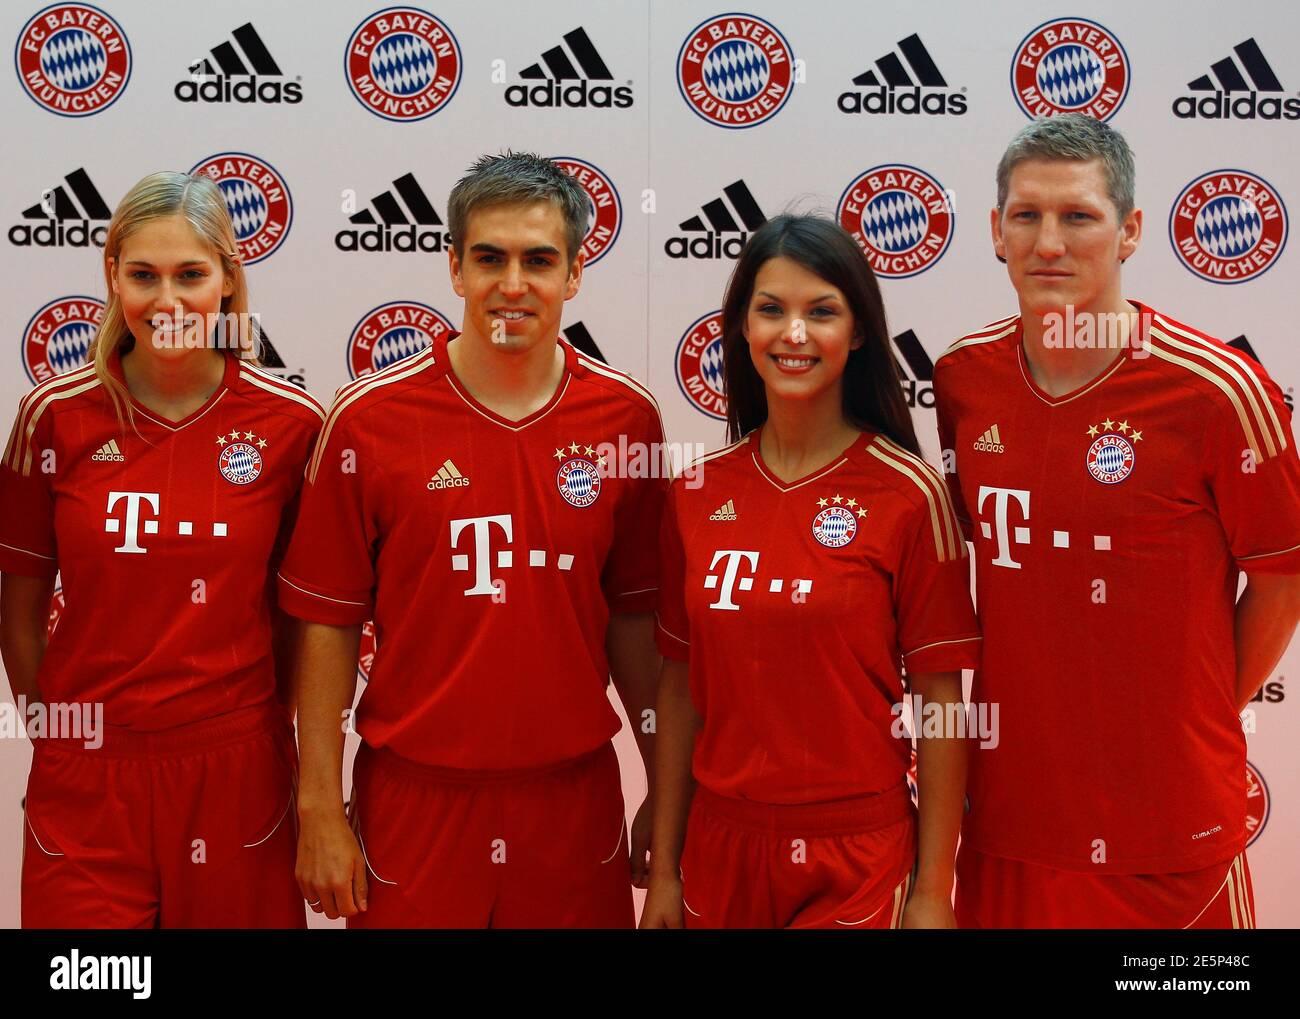 Fc Bayern Munich Jersey Immagini e Fotos Stock - Alamy